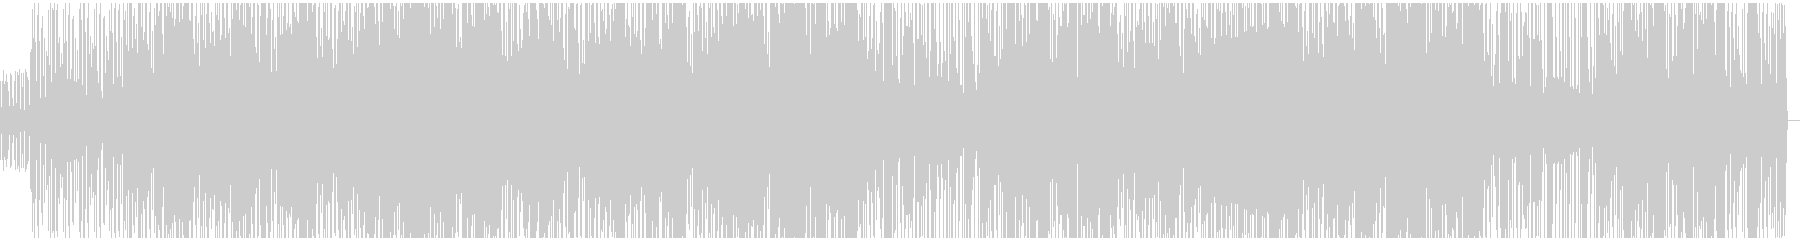 DnB要素のある軽快なエレクトロの未再生の波形